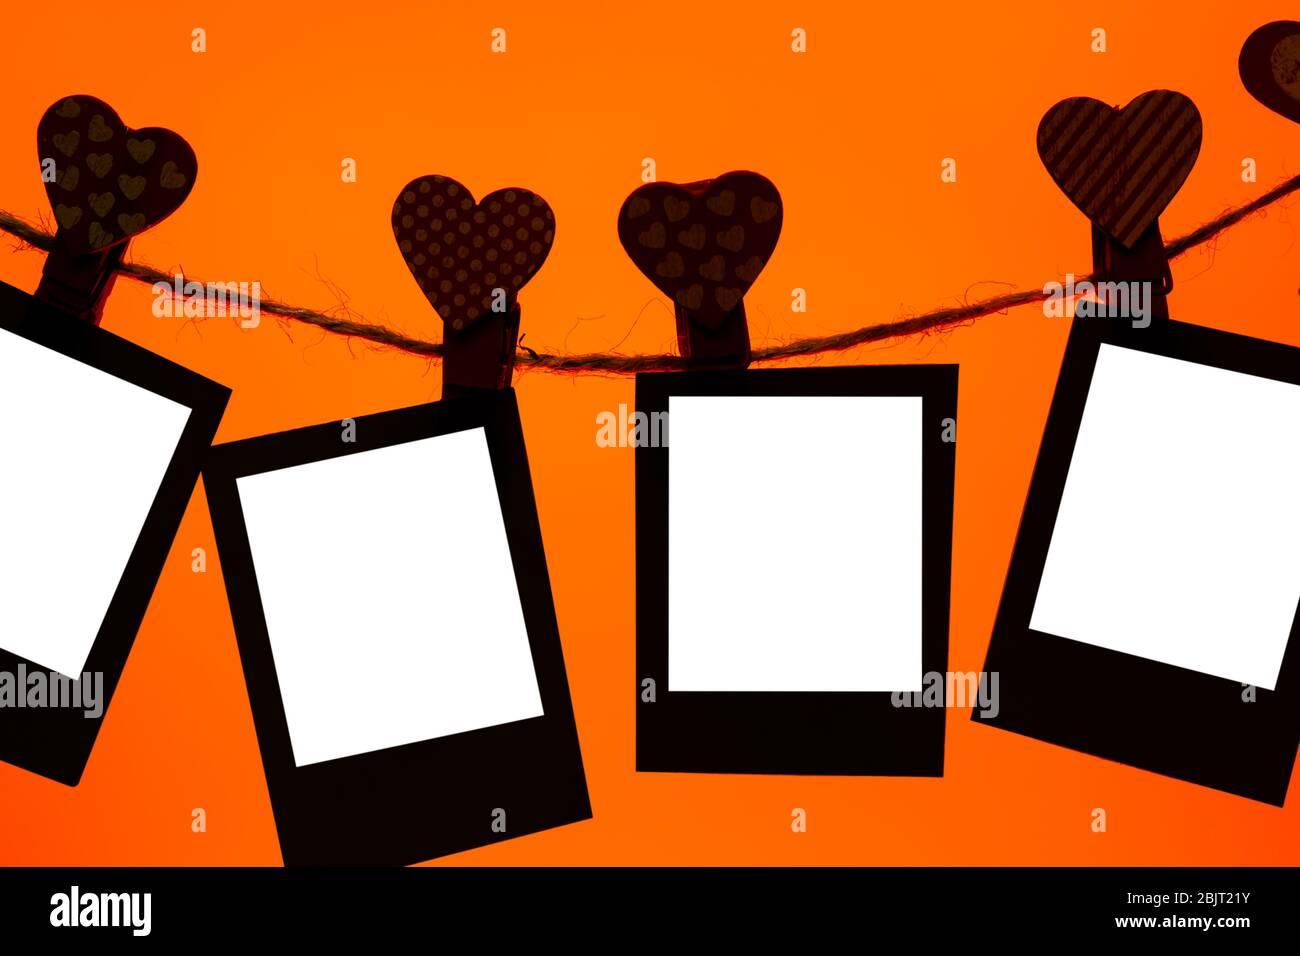 cinque clip di carta di clothespins rossi con un cuore su una corda. San Valentino amore. Lava sfondo lussureggiante. Spazio copia. Mocap Foto Stock